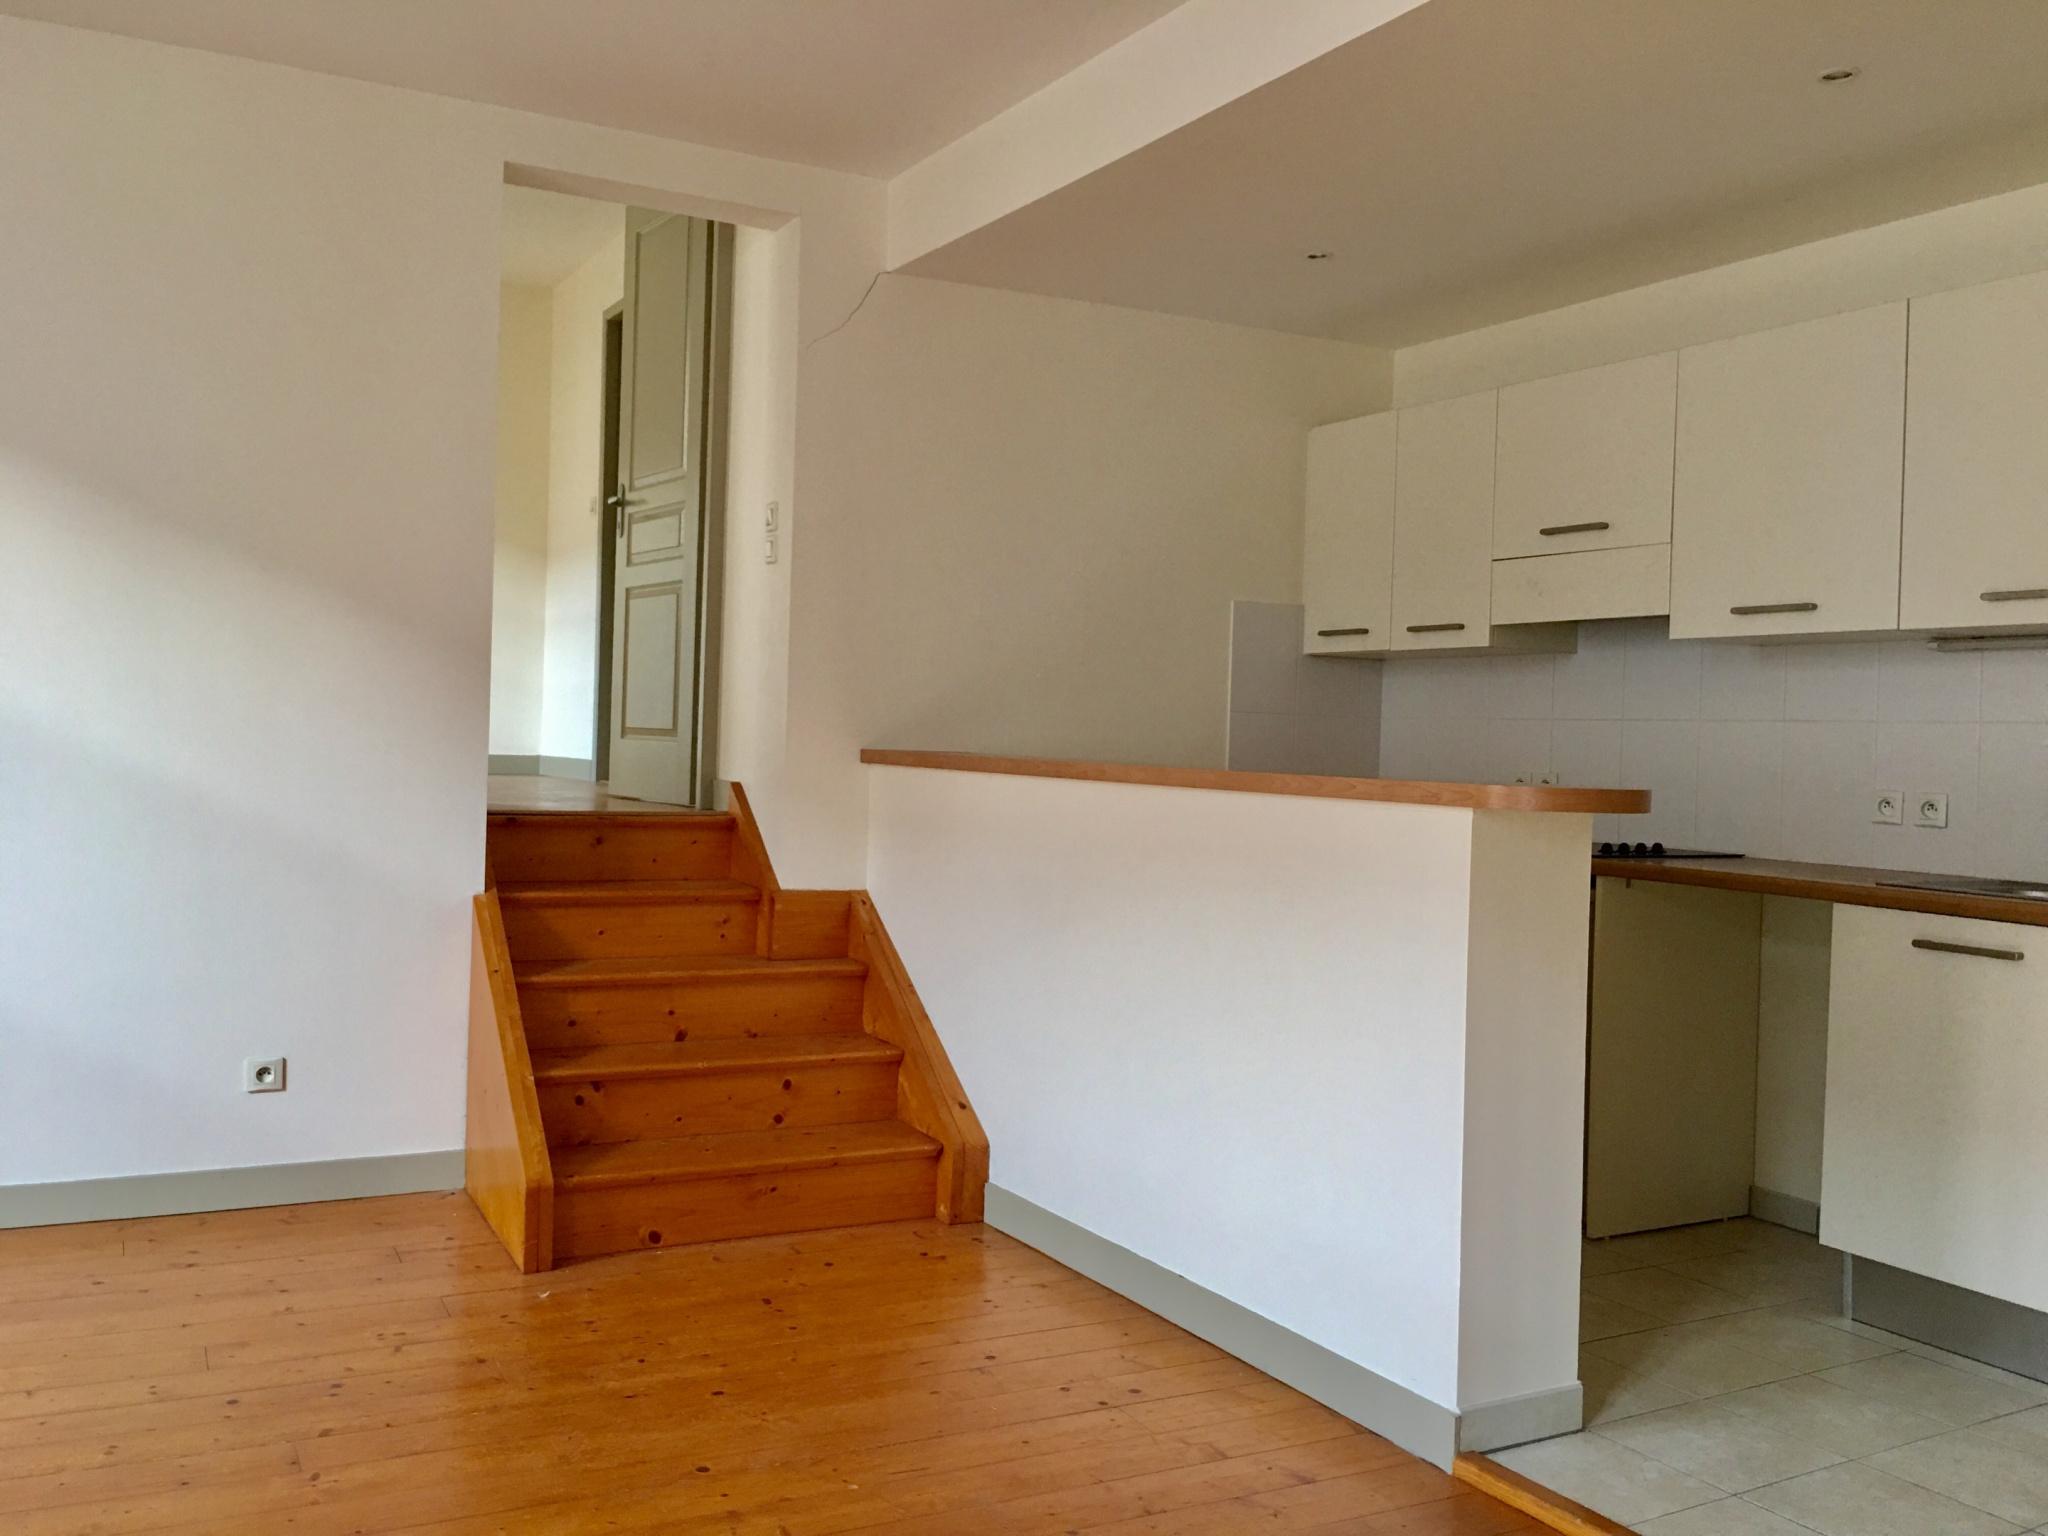 Location appartement t2 44m centre ville for Location t2 bordeaux centre ville